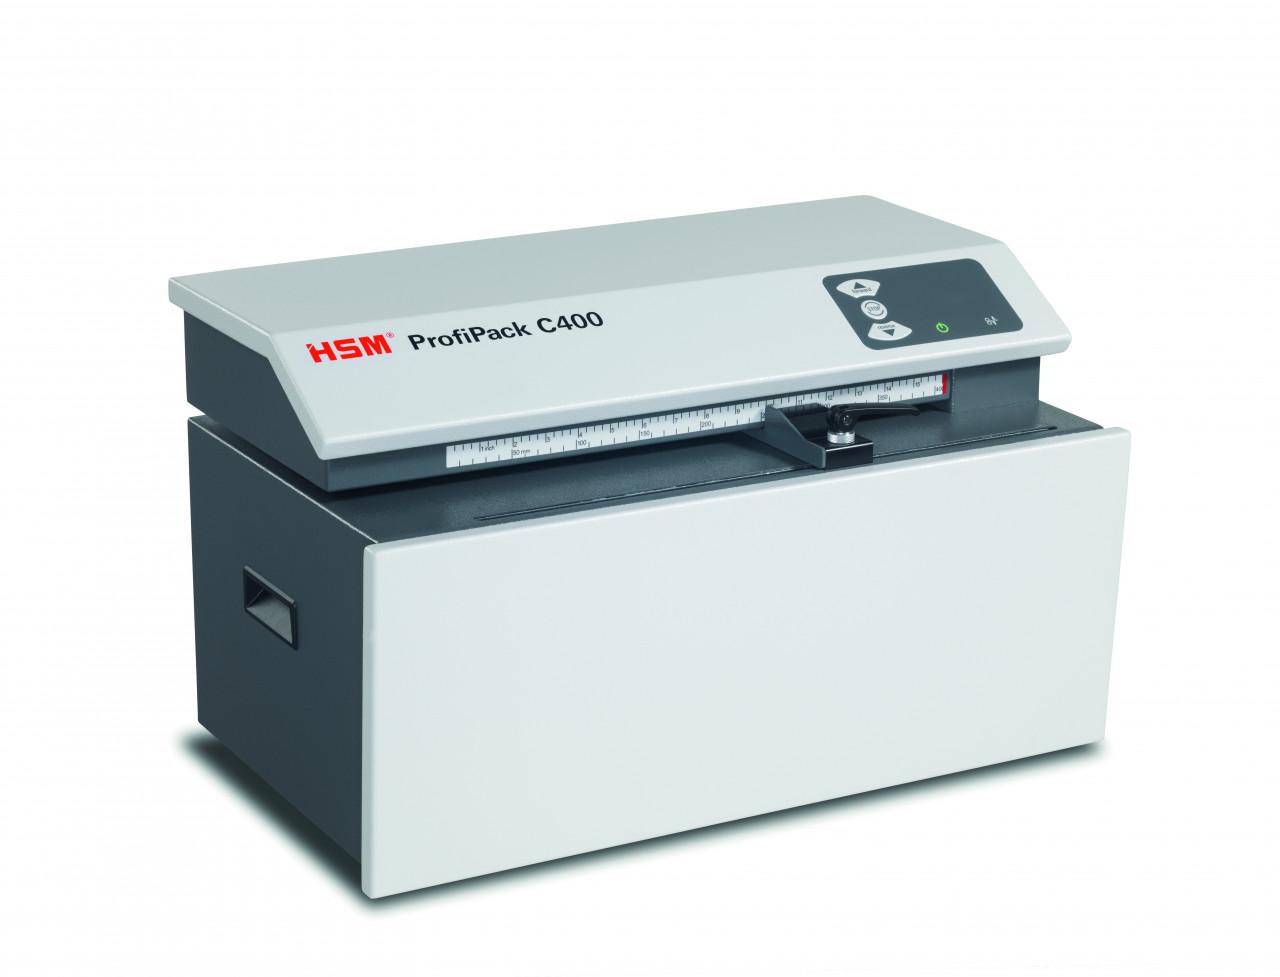 HSM C400